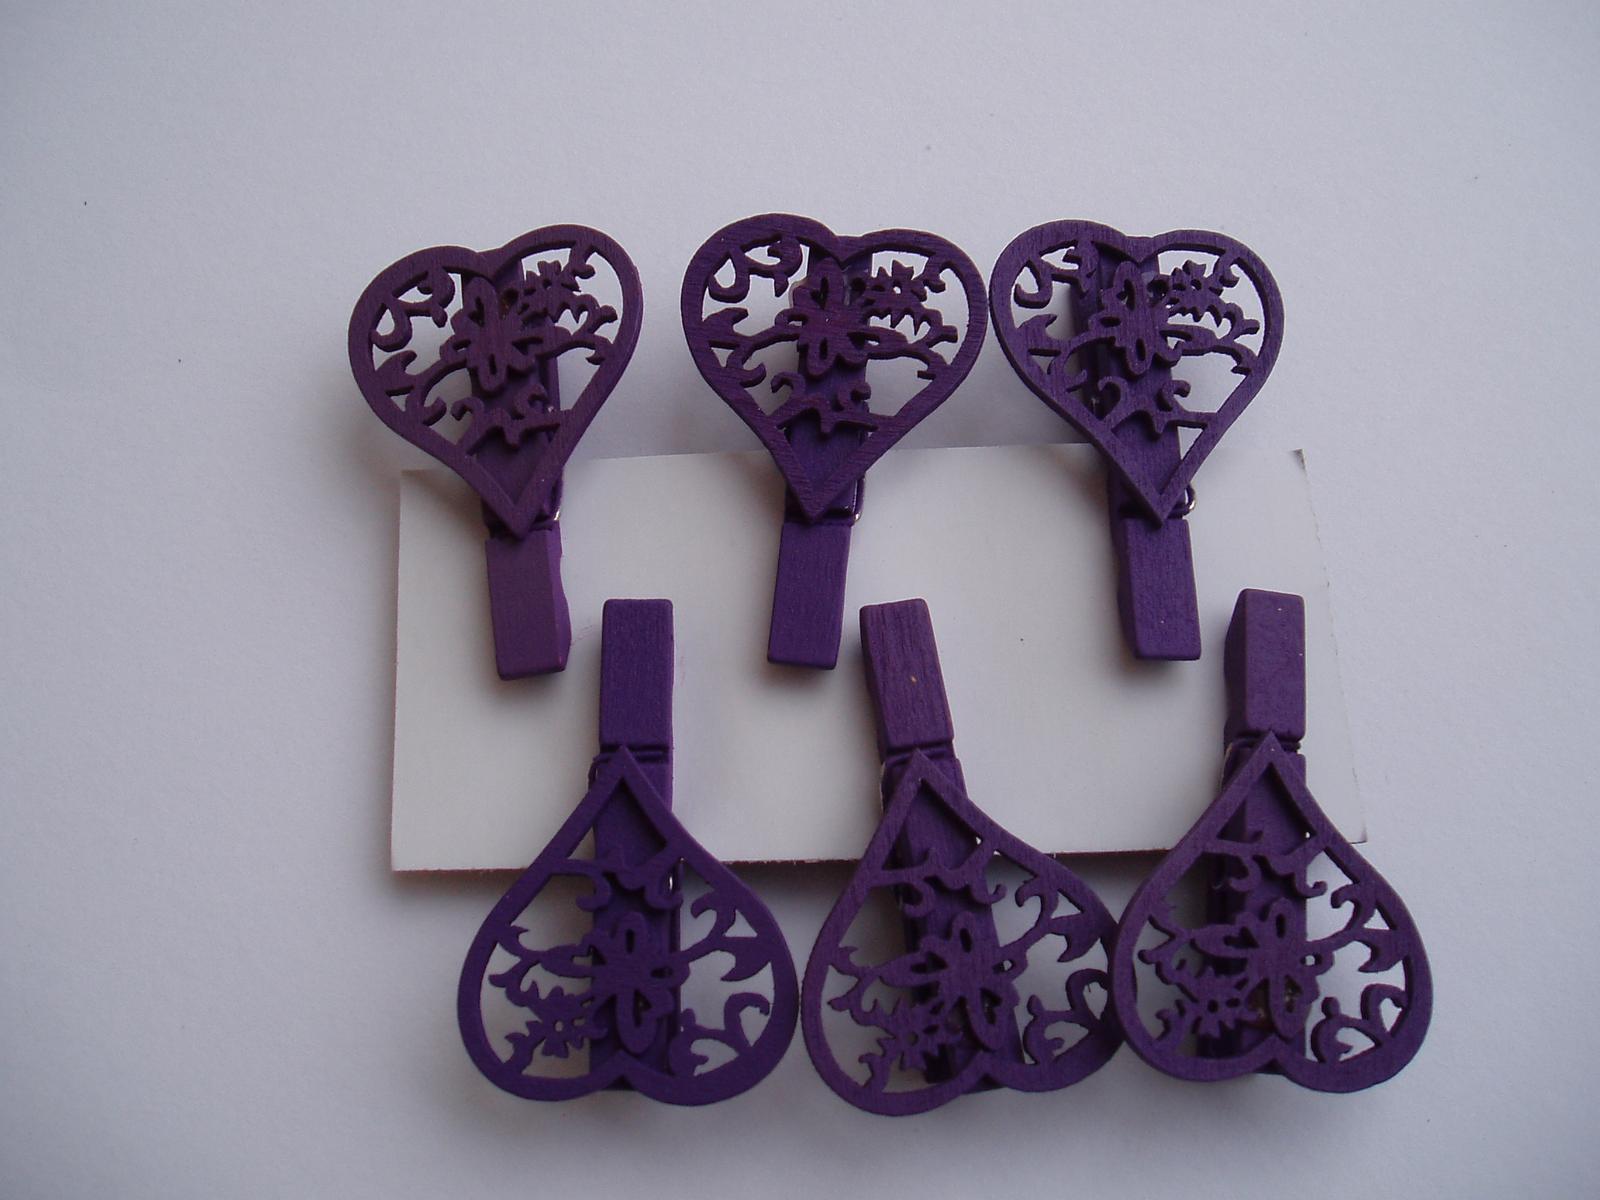 srdíčko na kolíku-fialové - Obrázek č. 1